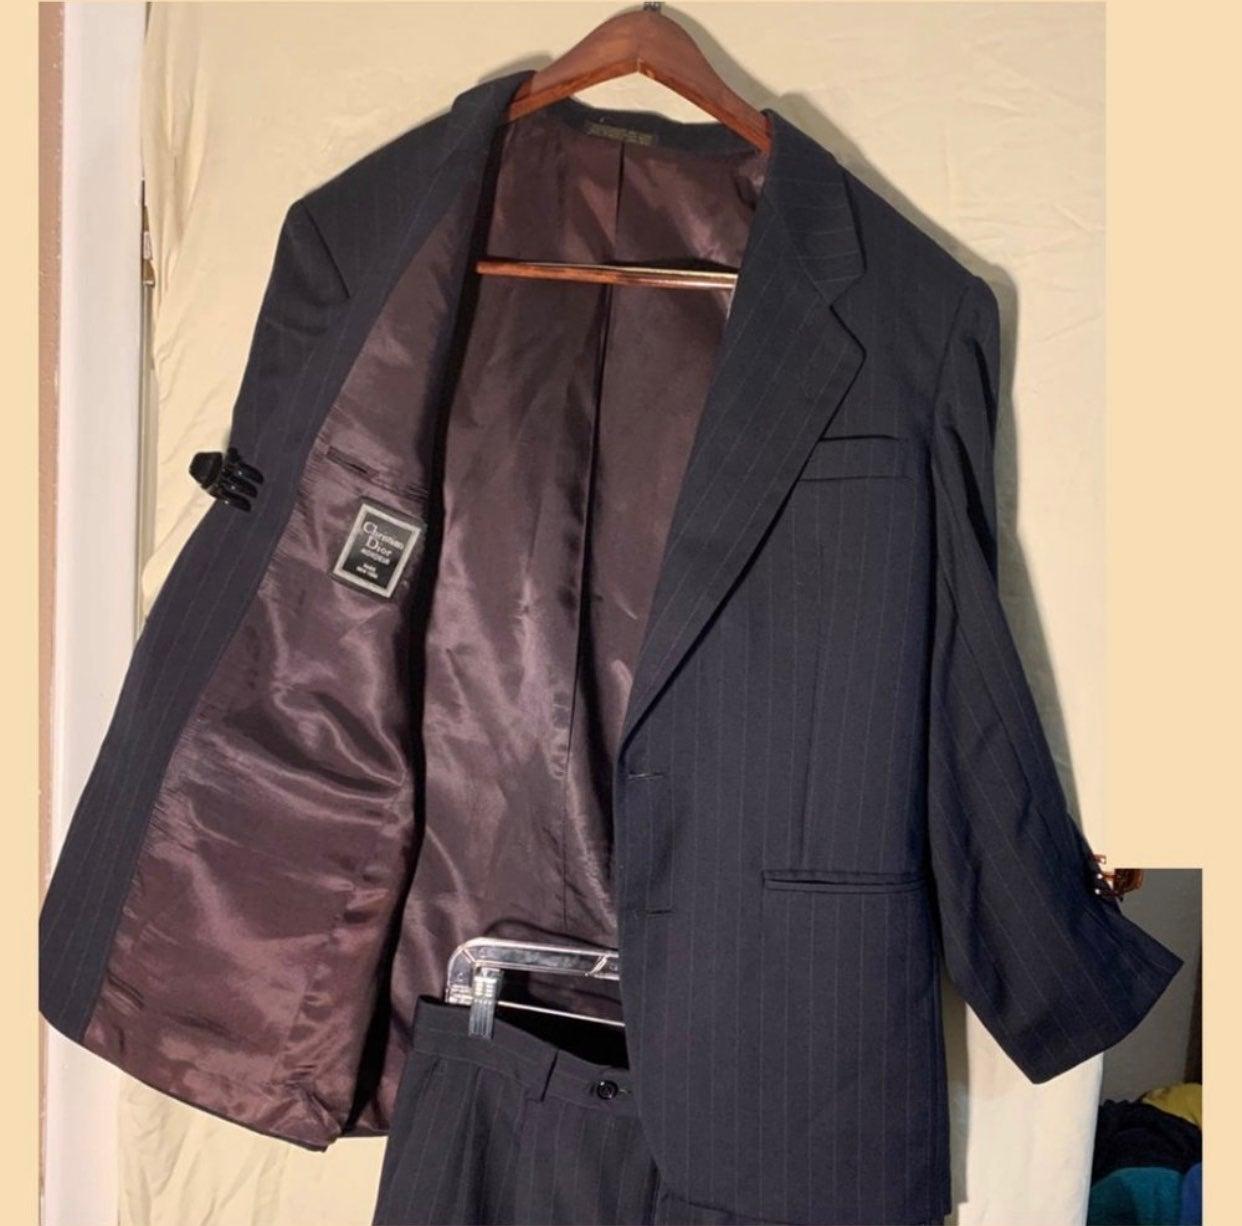 Dior Monsieur Men's Wool Suit - Sz 40R